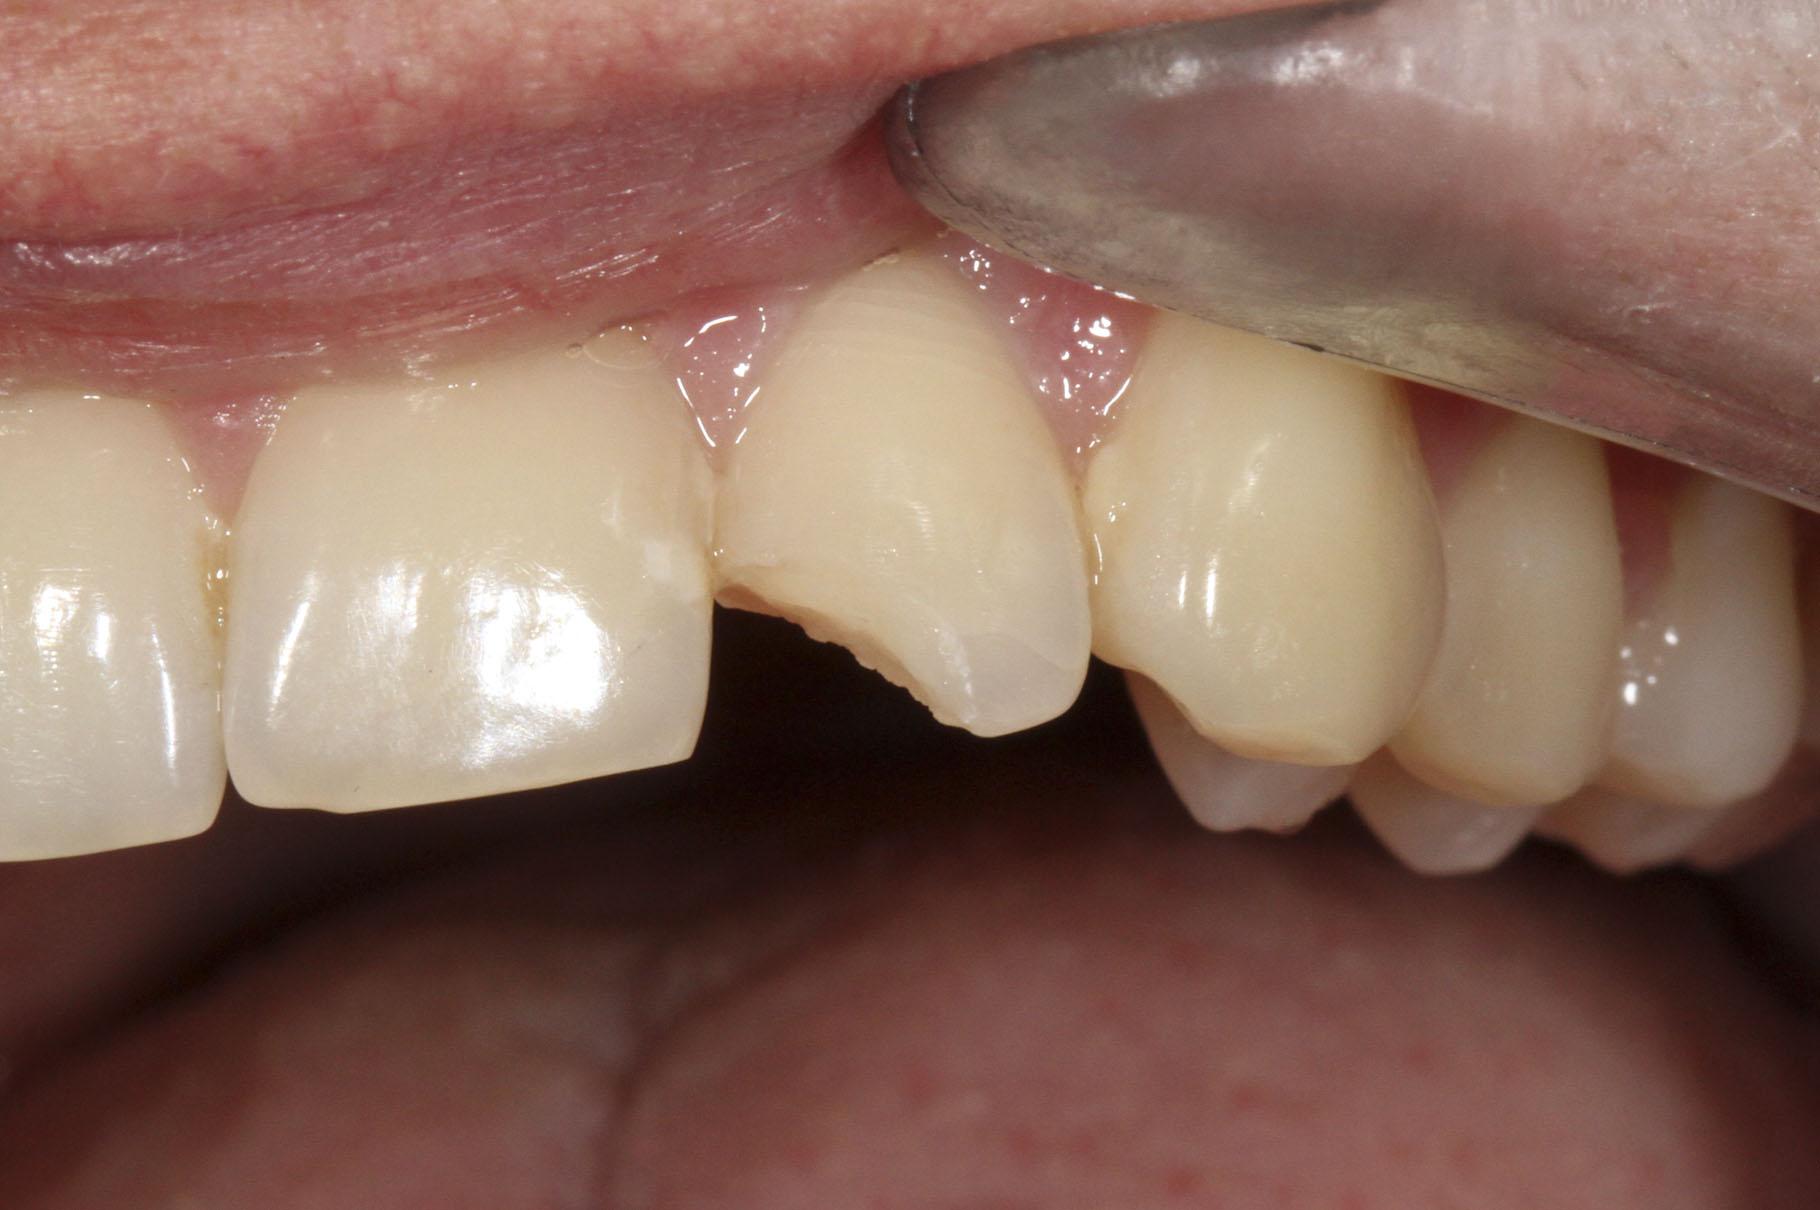 Сонник выпадают гнилые зубы к чему снится выпадают гнилые зубы во сне